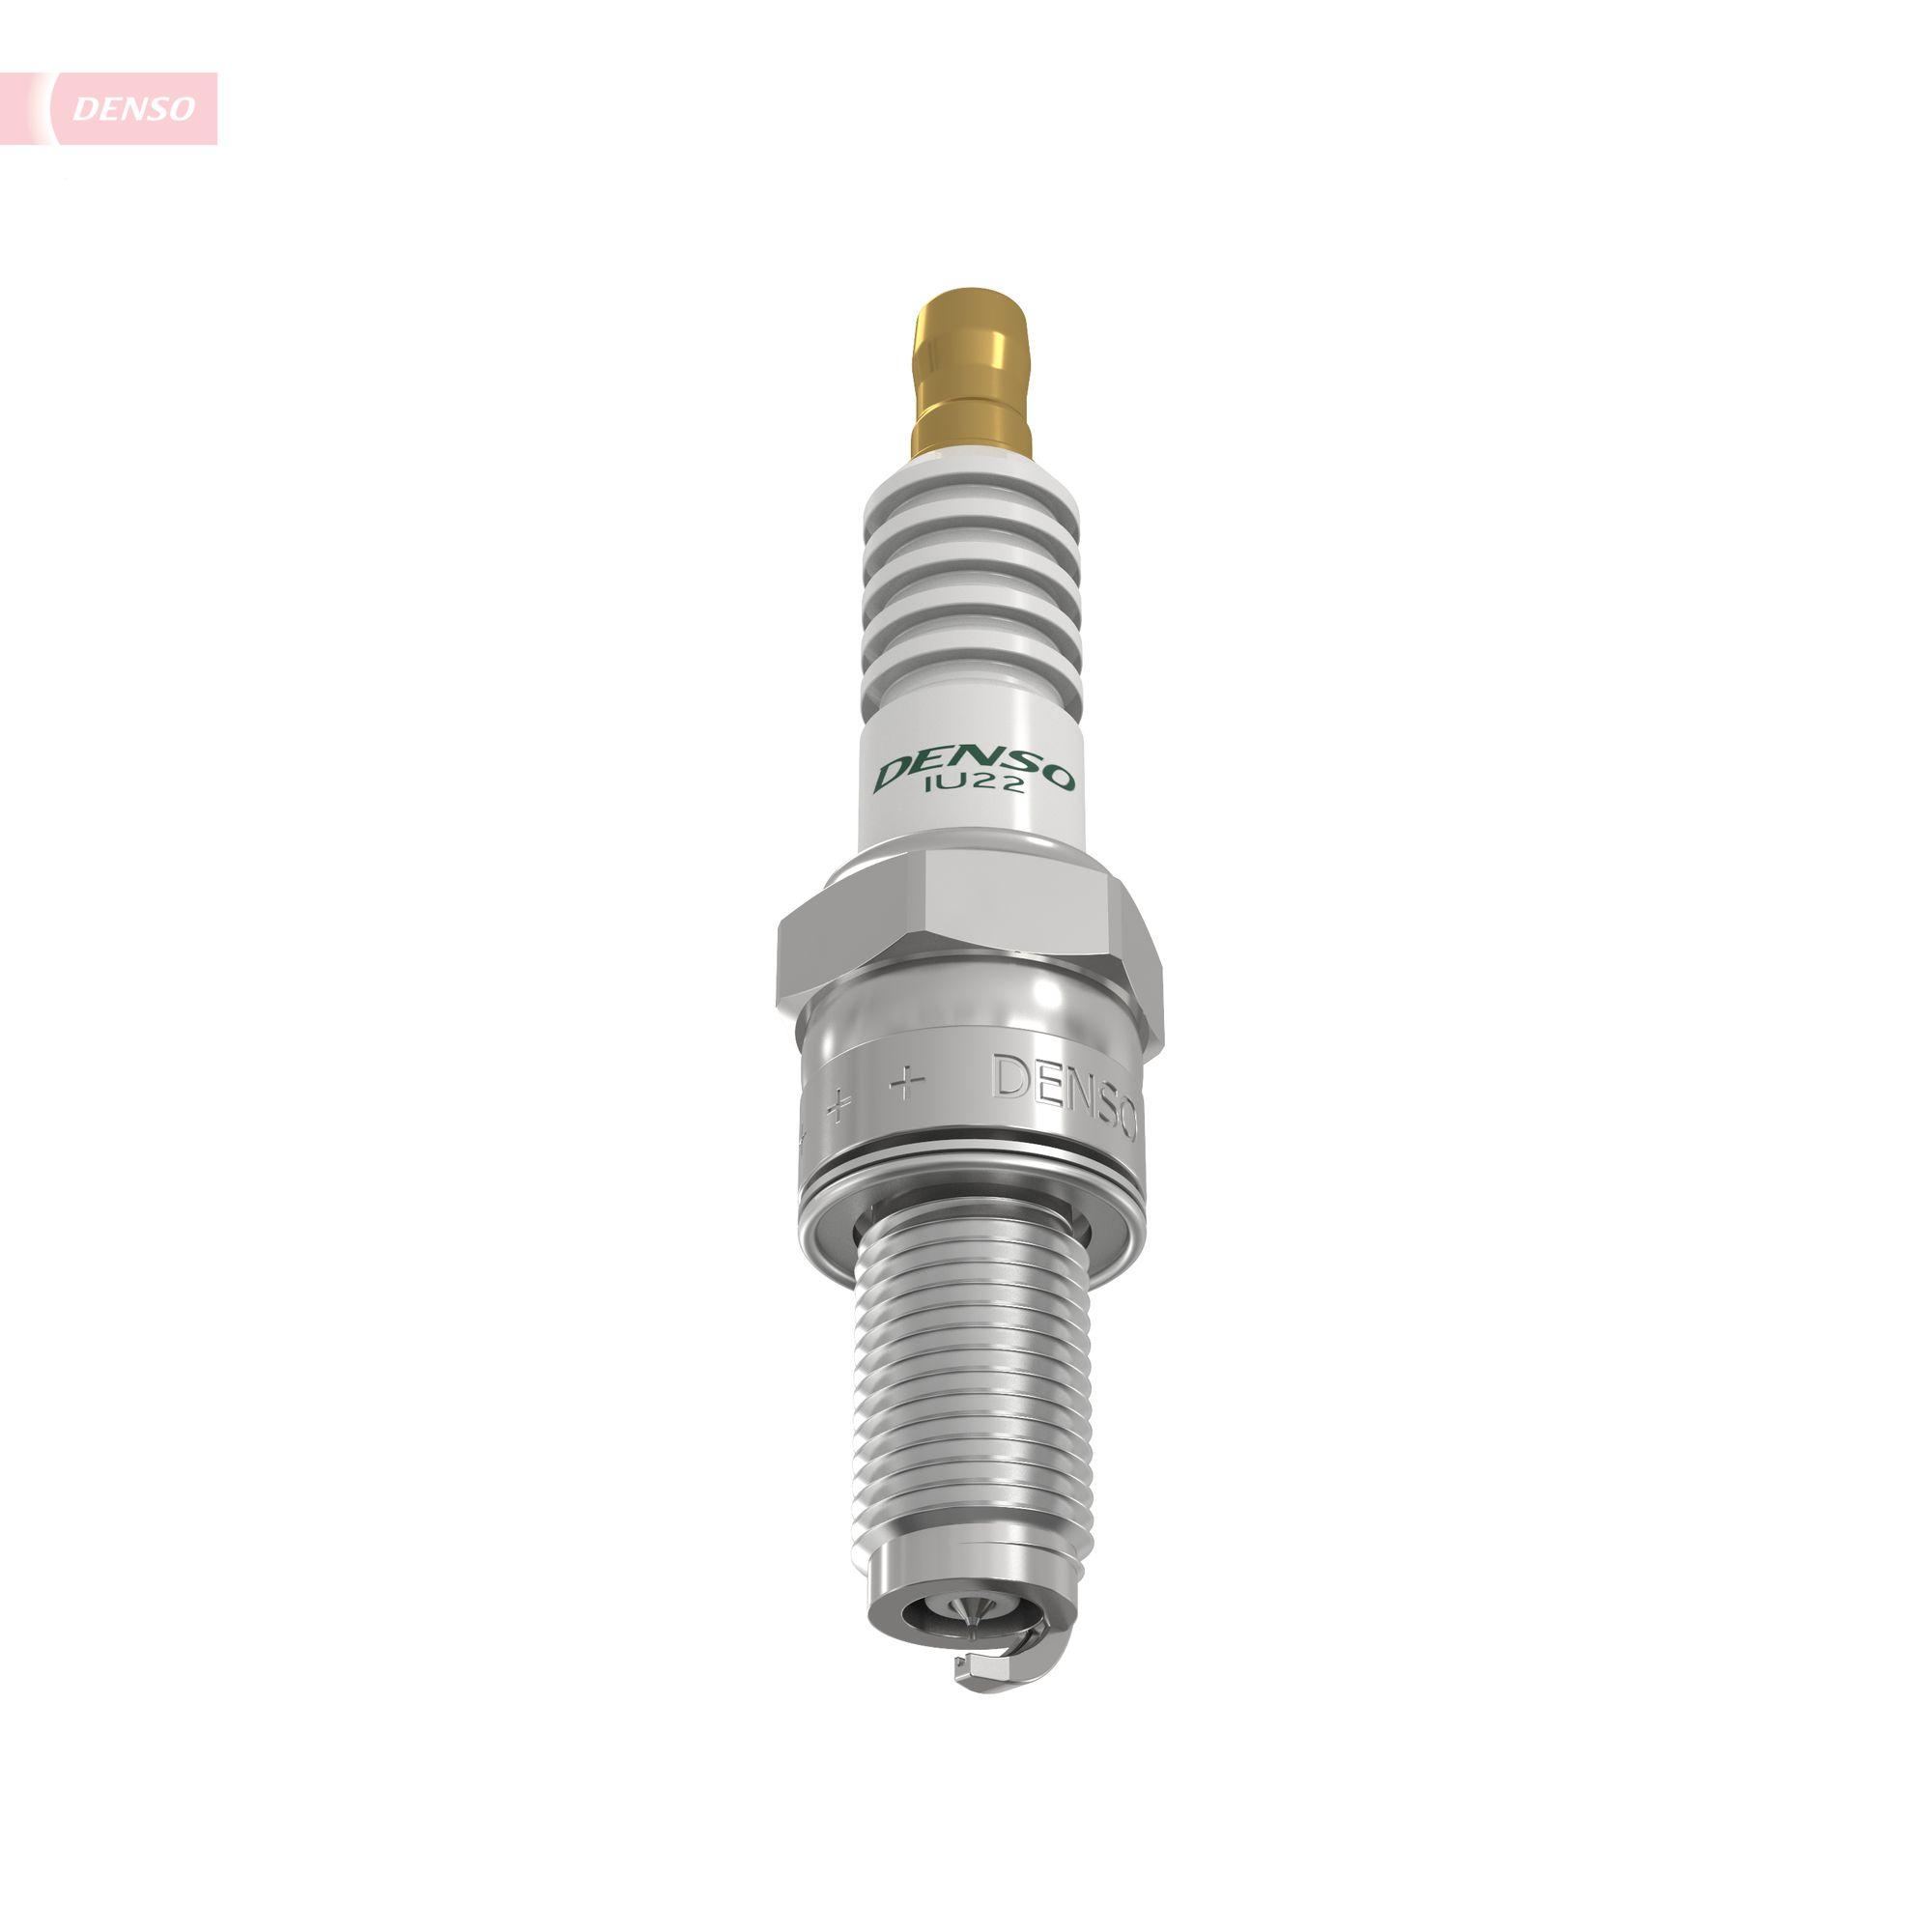 IU22 Zapalovací svíčka DENSO I61 - Obrovský výběr — ještě větší slevy